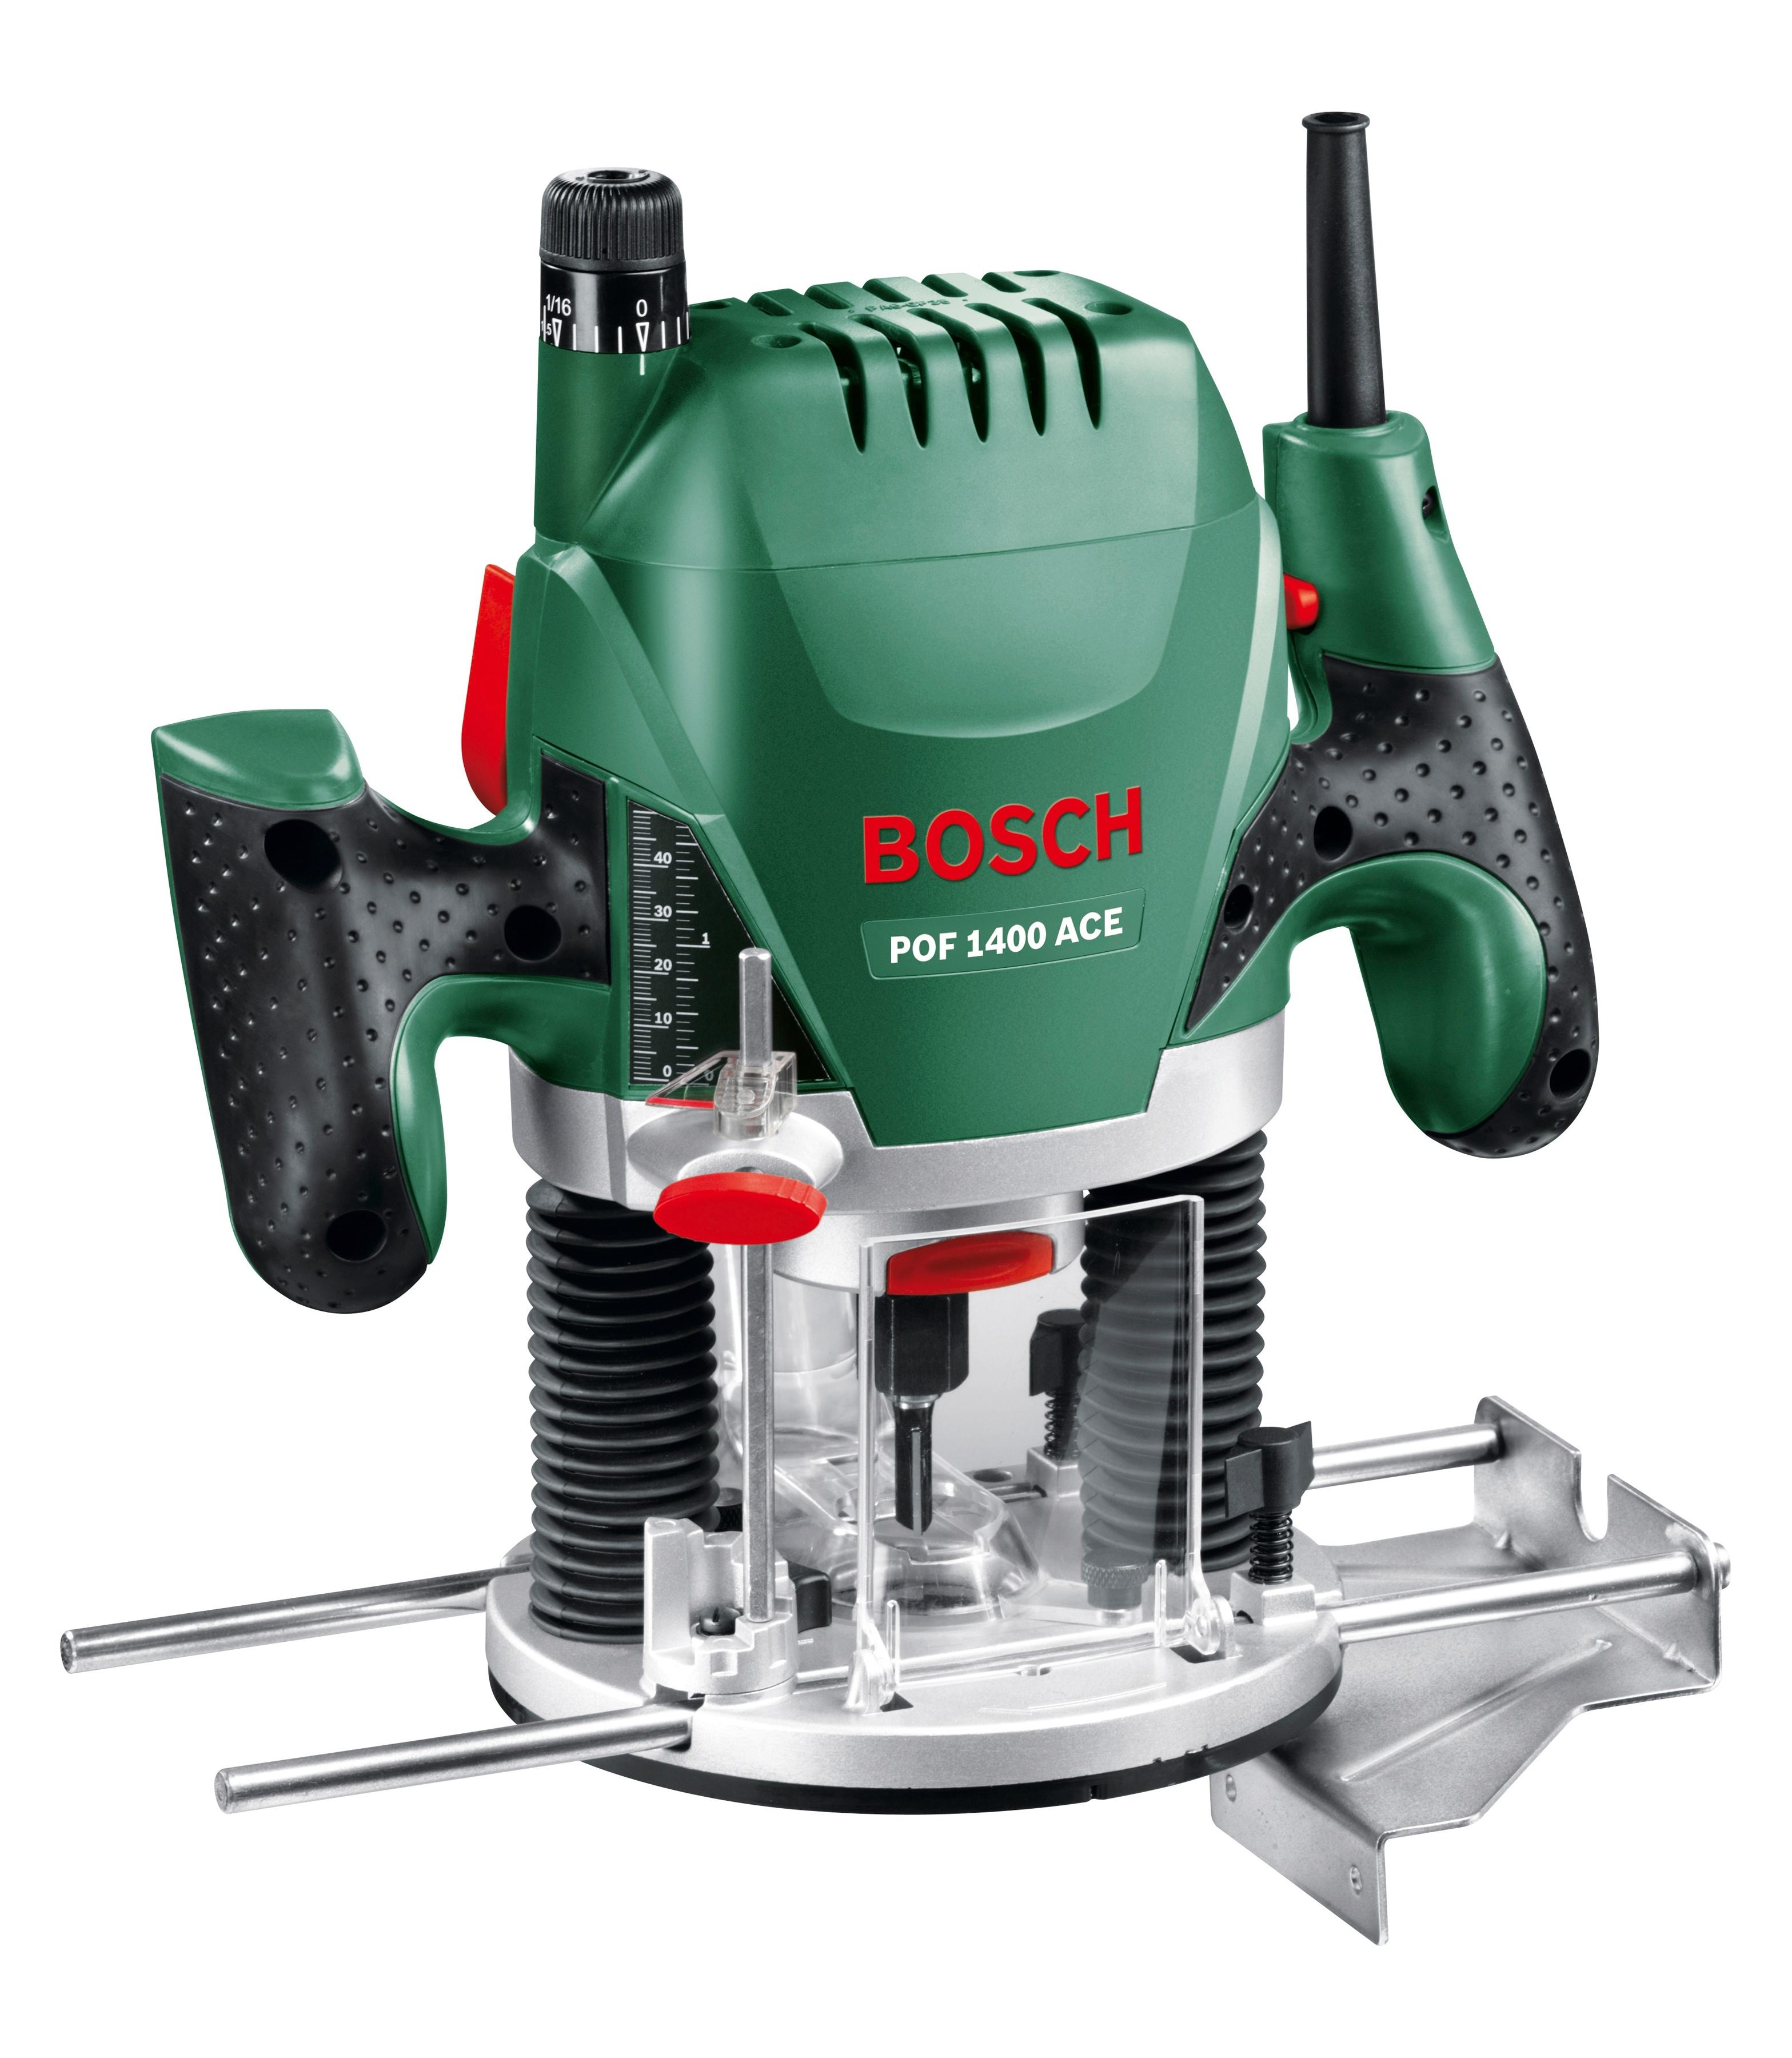 BOSCH Oberfräse POF 1400 ACE grün Fräsen Werkzeug Maschinen